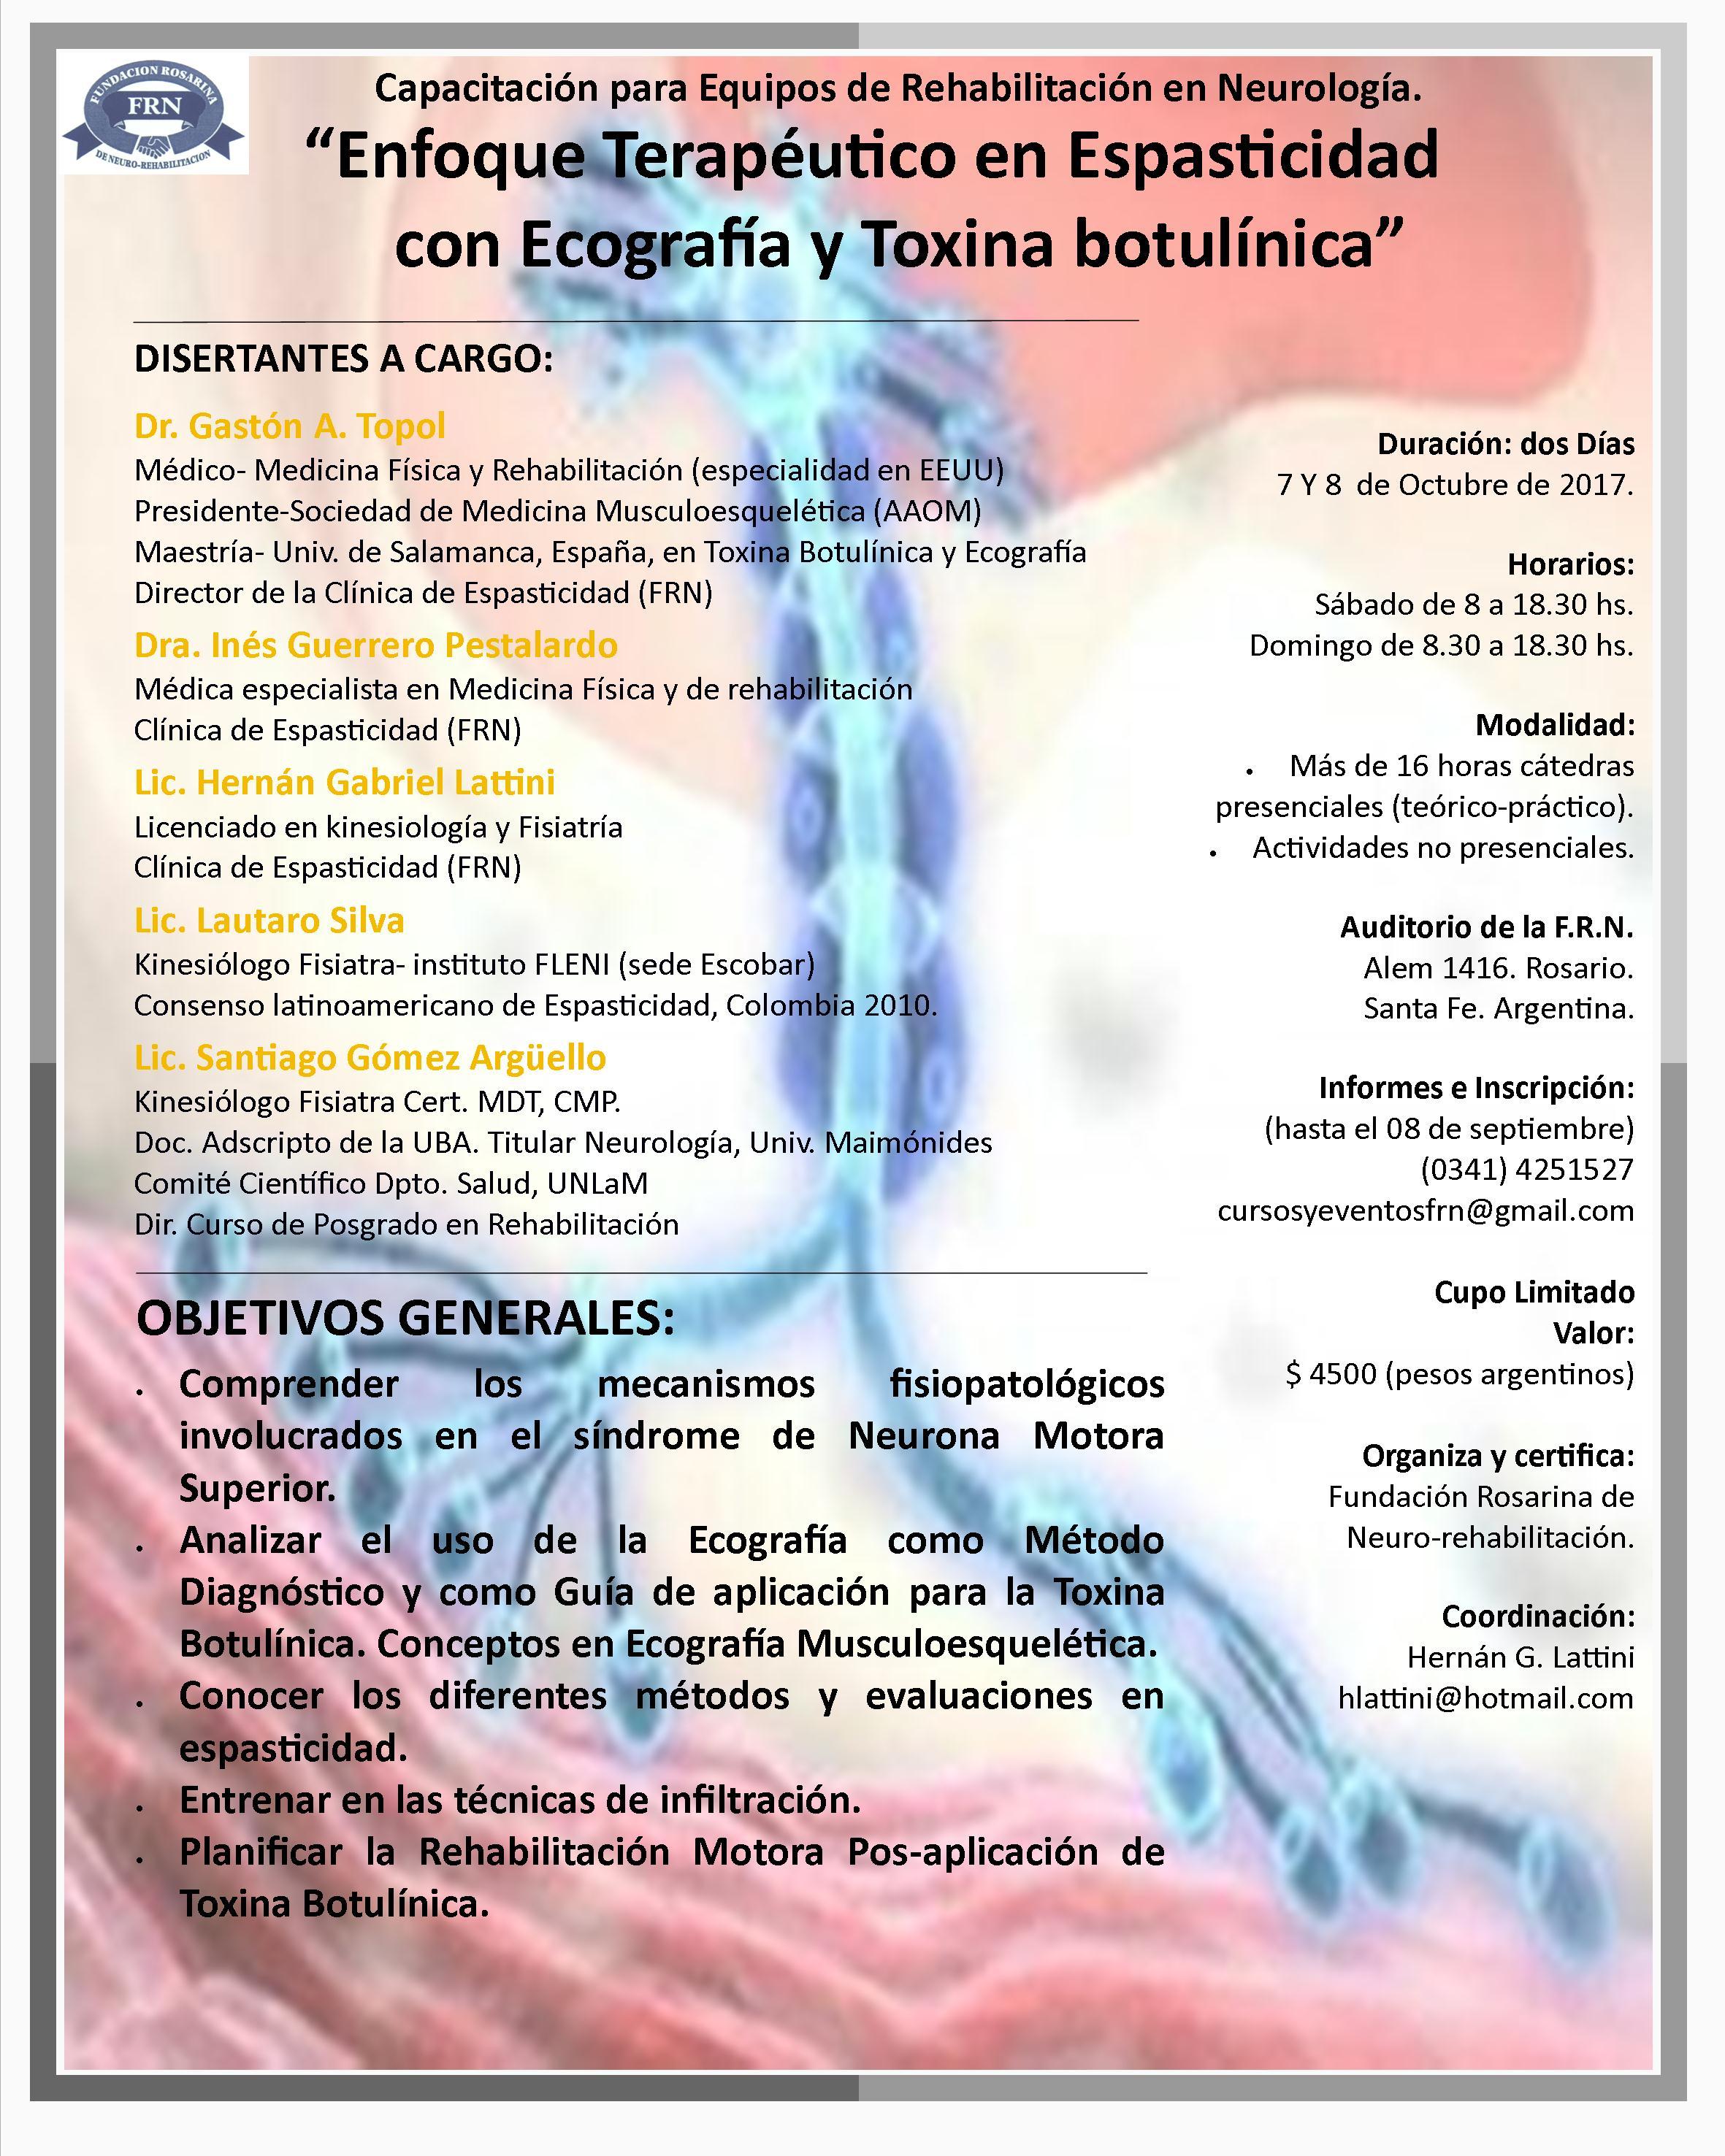 Enfoque Terapéutico en Espasticidad con Ecografía y Toxina Botulínica